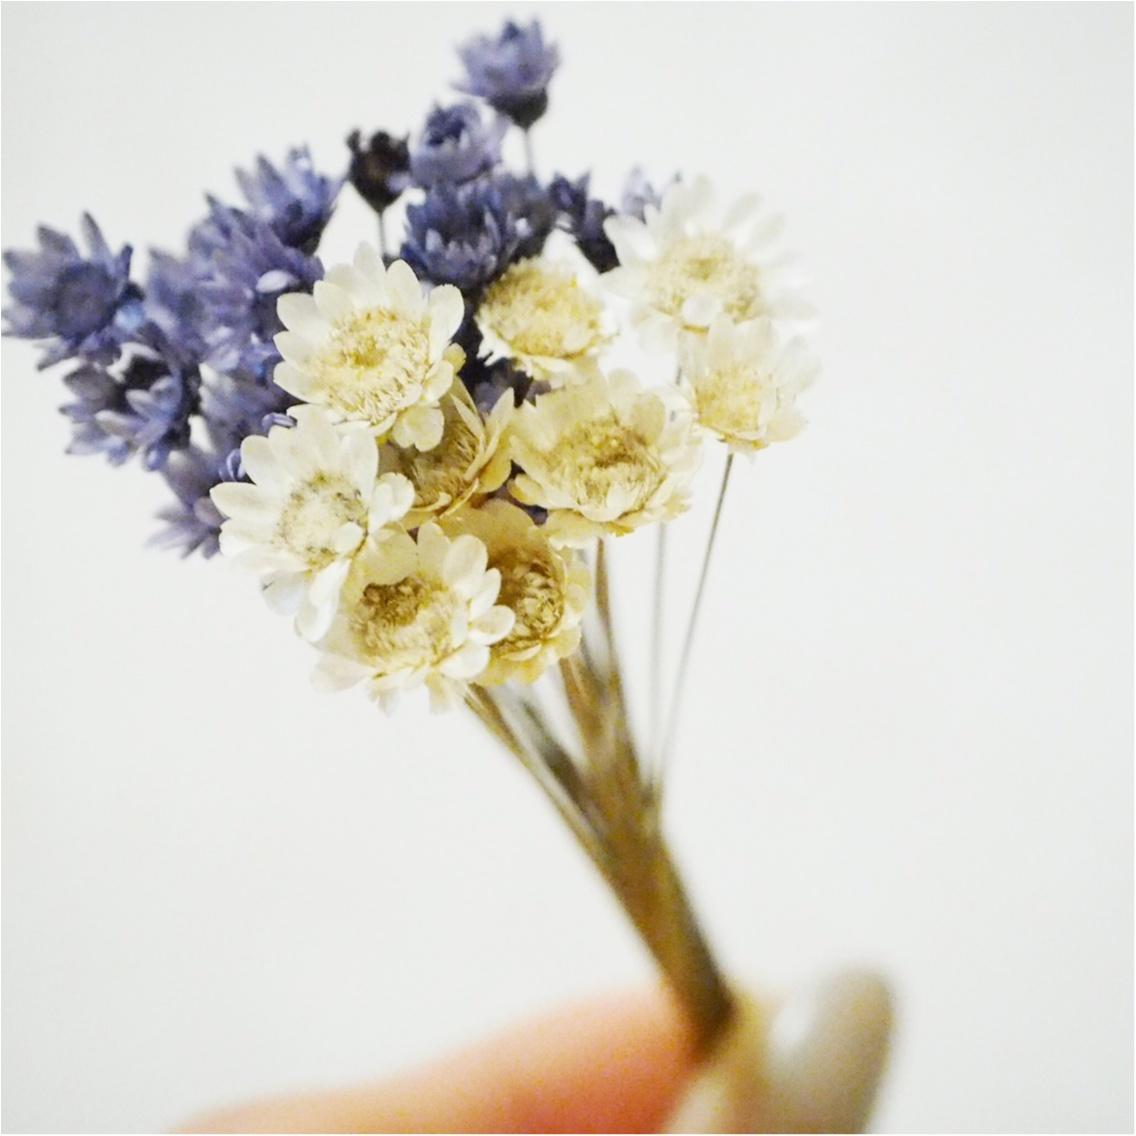 お部屋に置くと華やかでいい香りがするモノ♡_4